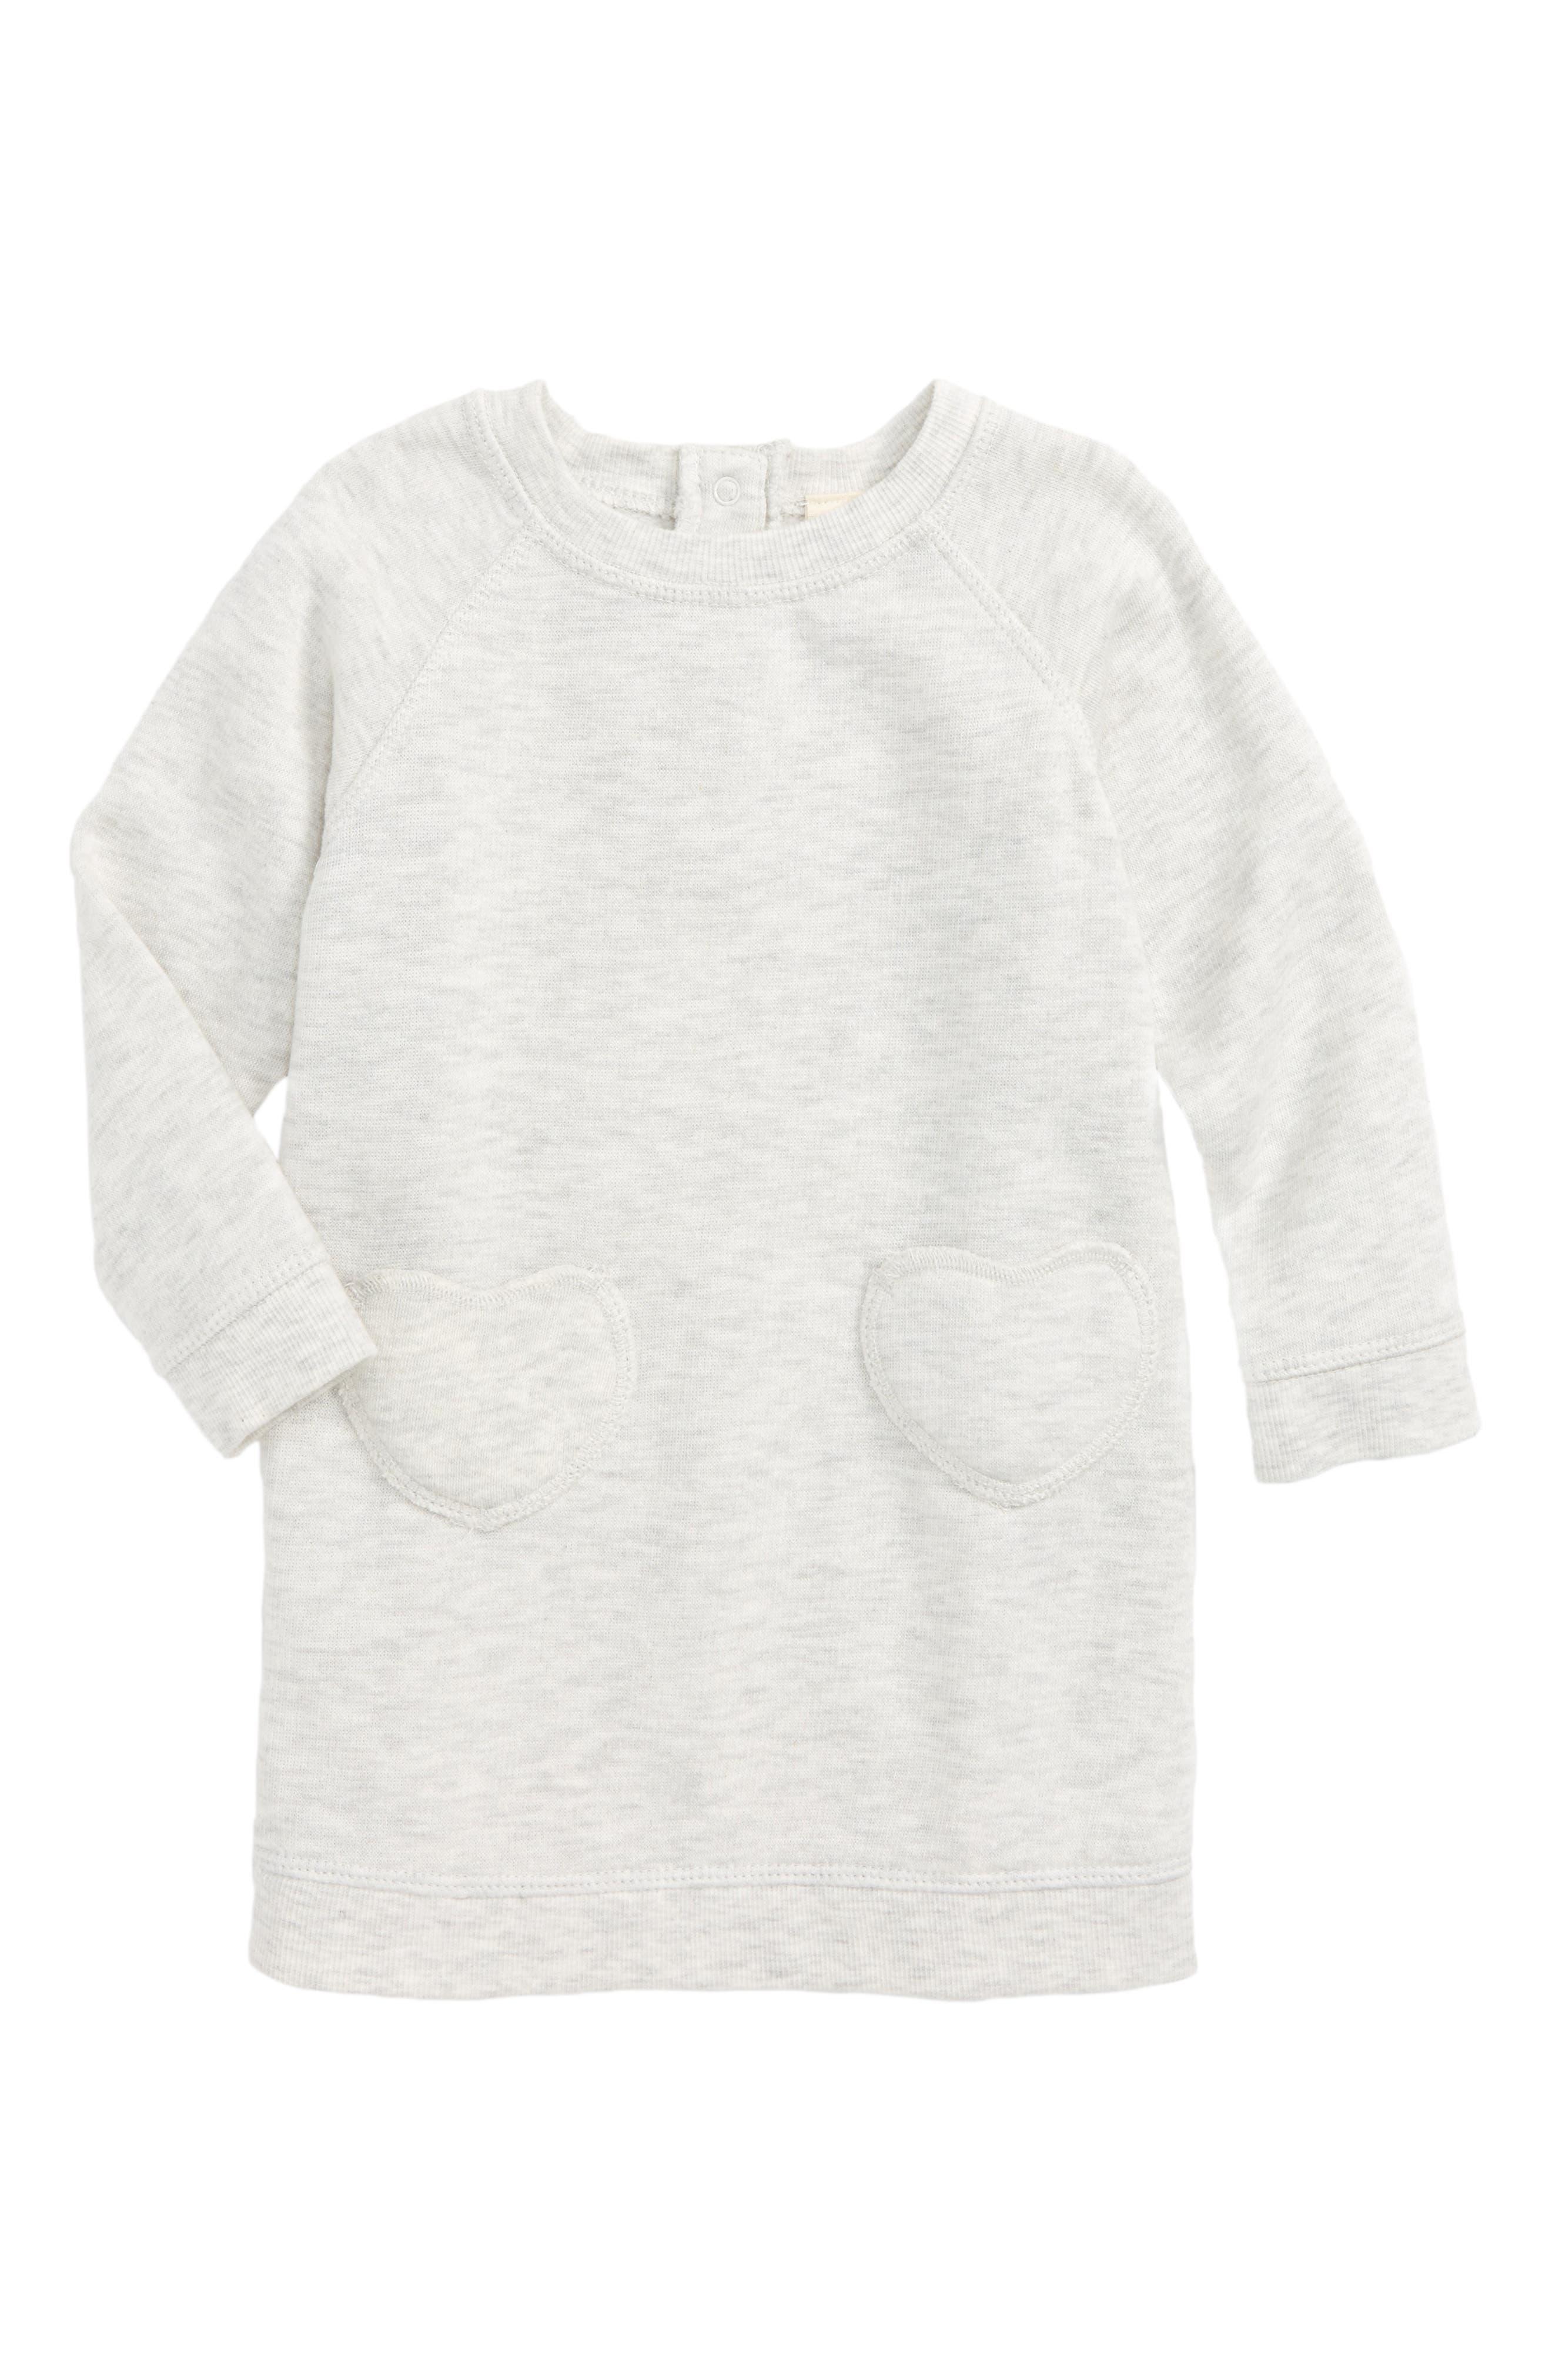 Main Image - Tucker + Tate Sweatshirt Dress (Baby Girls)